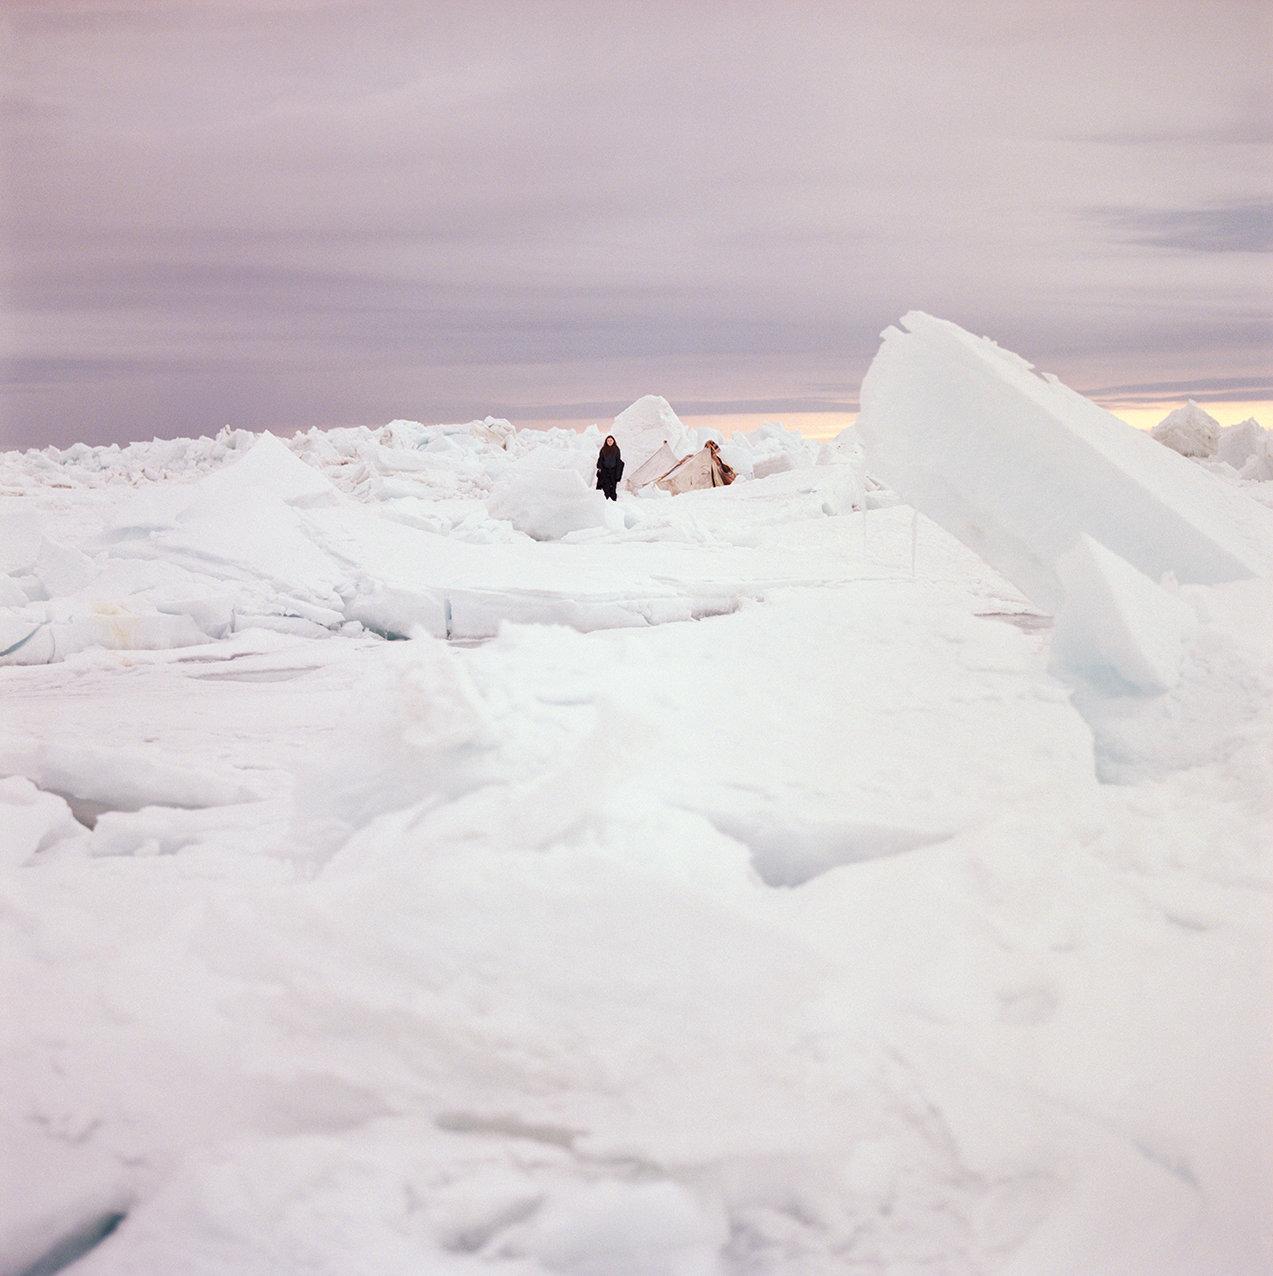 Nichole dwarfed by jagged ice, 2017